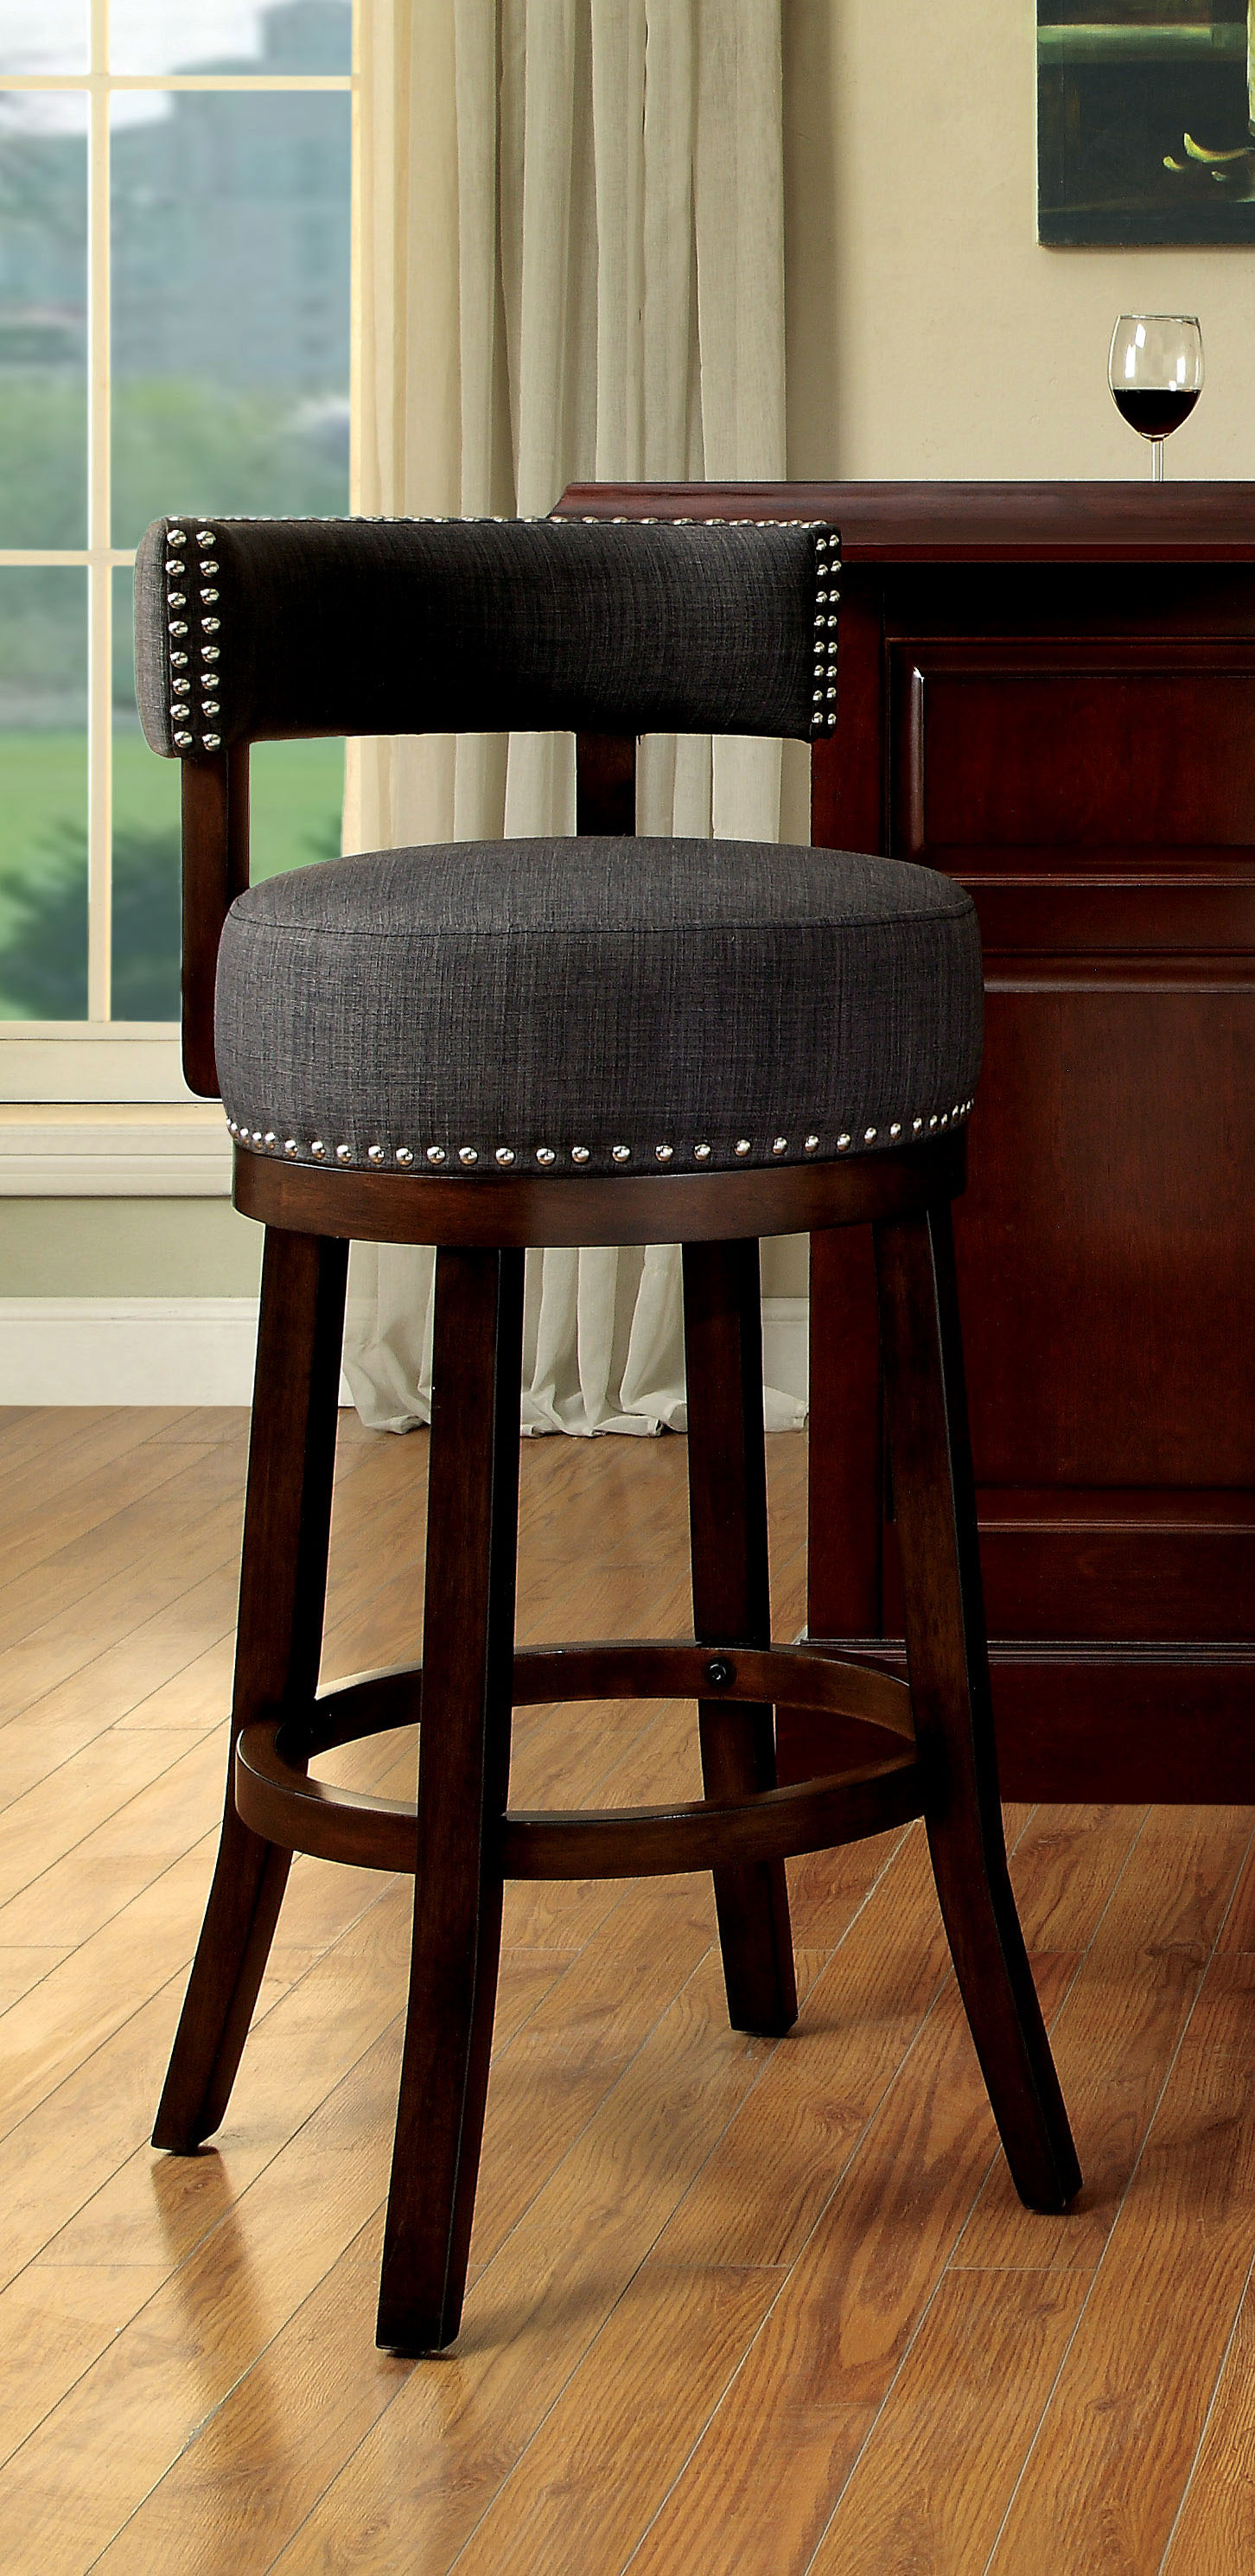 Macia Fabric 24 Swivel Bar Stool Contemporary Style Ebay